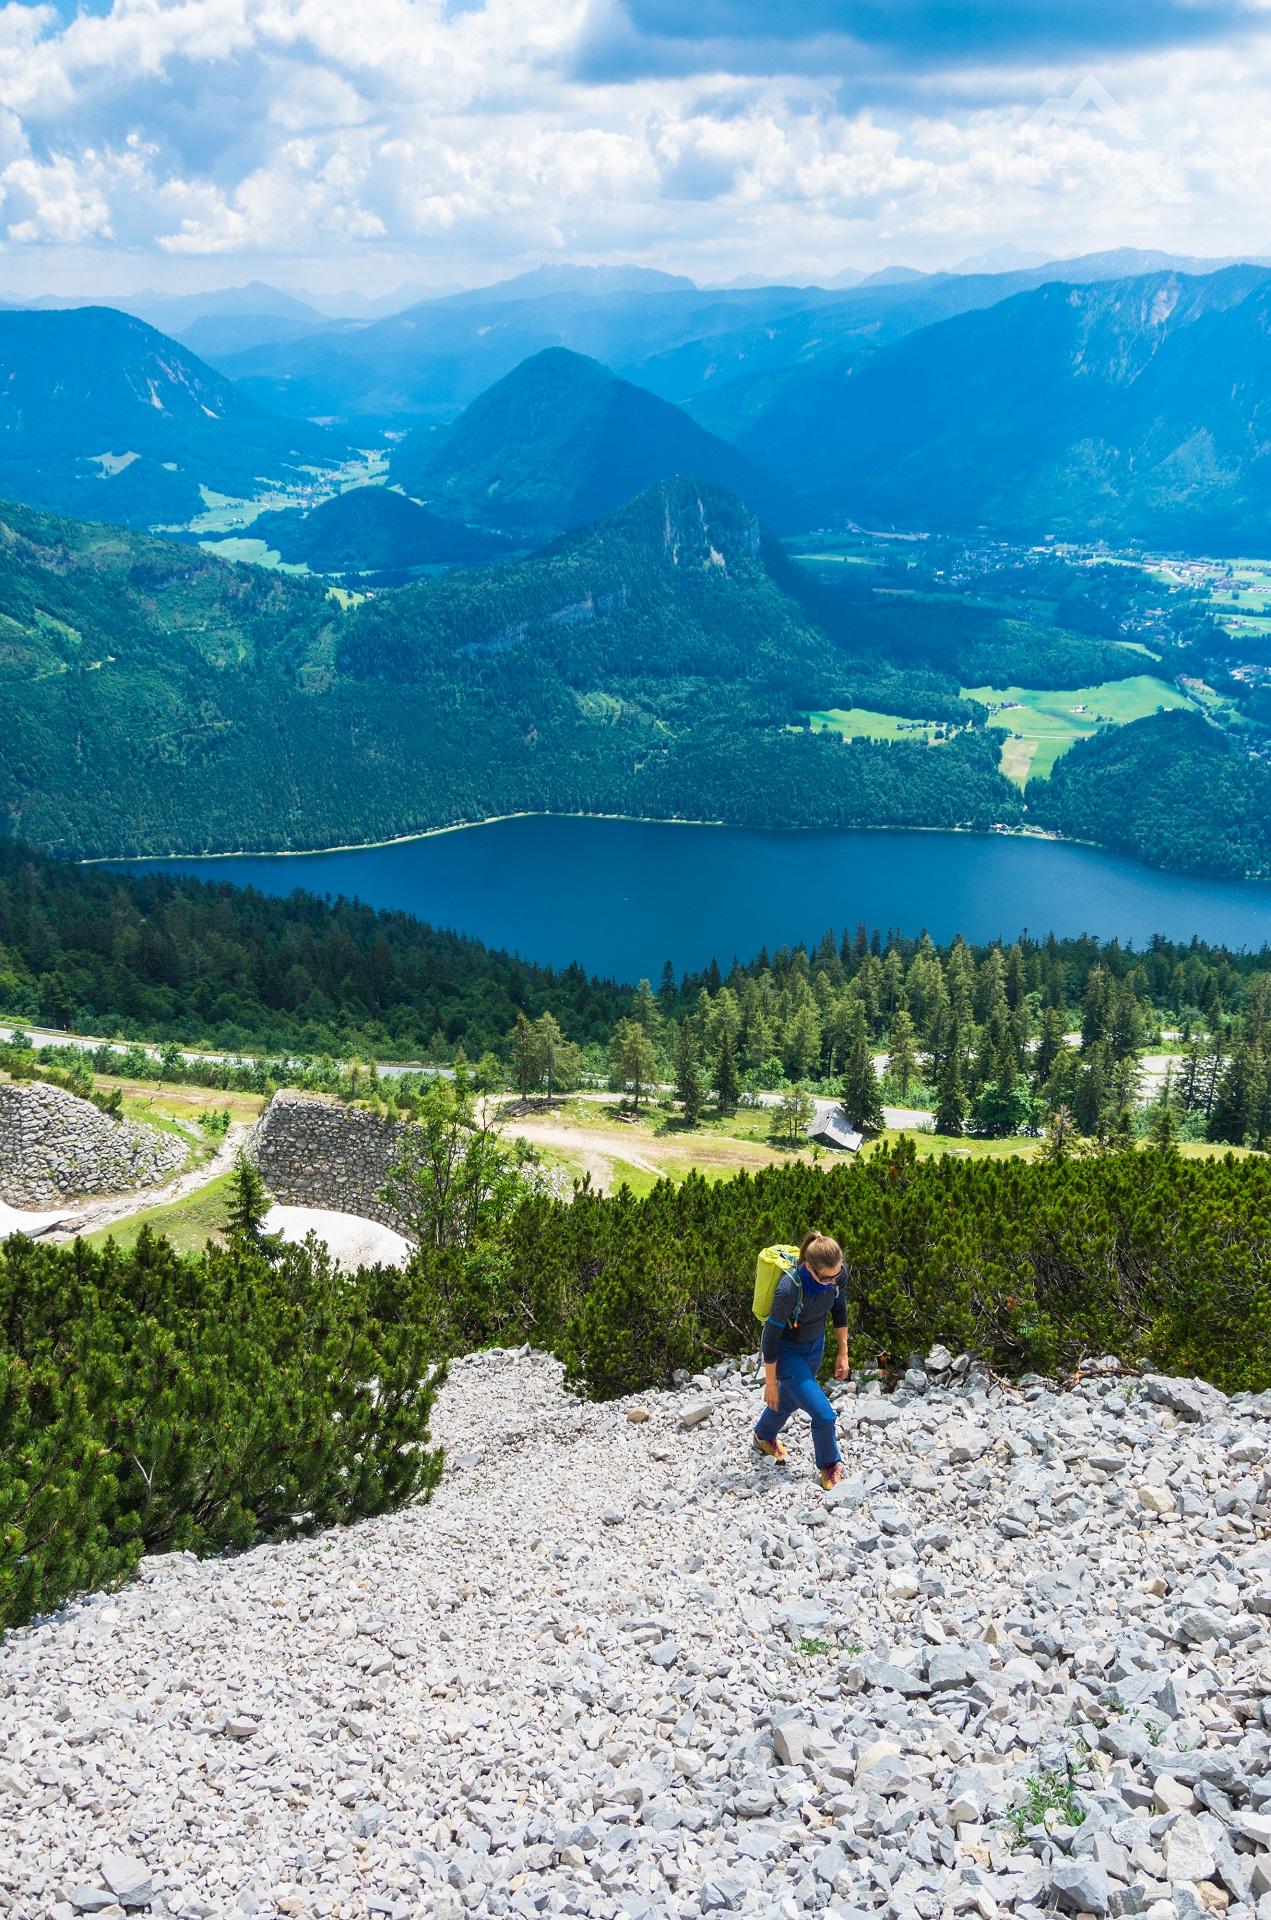 Podejście piarżyskiem pod ferratę Panorama Klettersteig Sisi